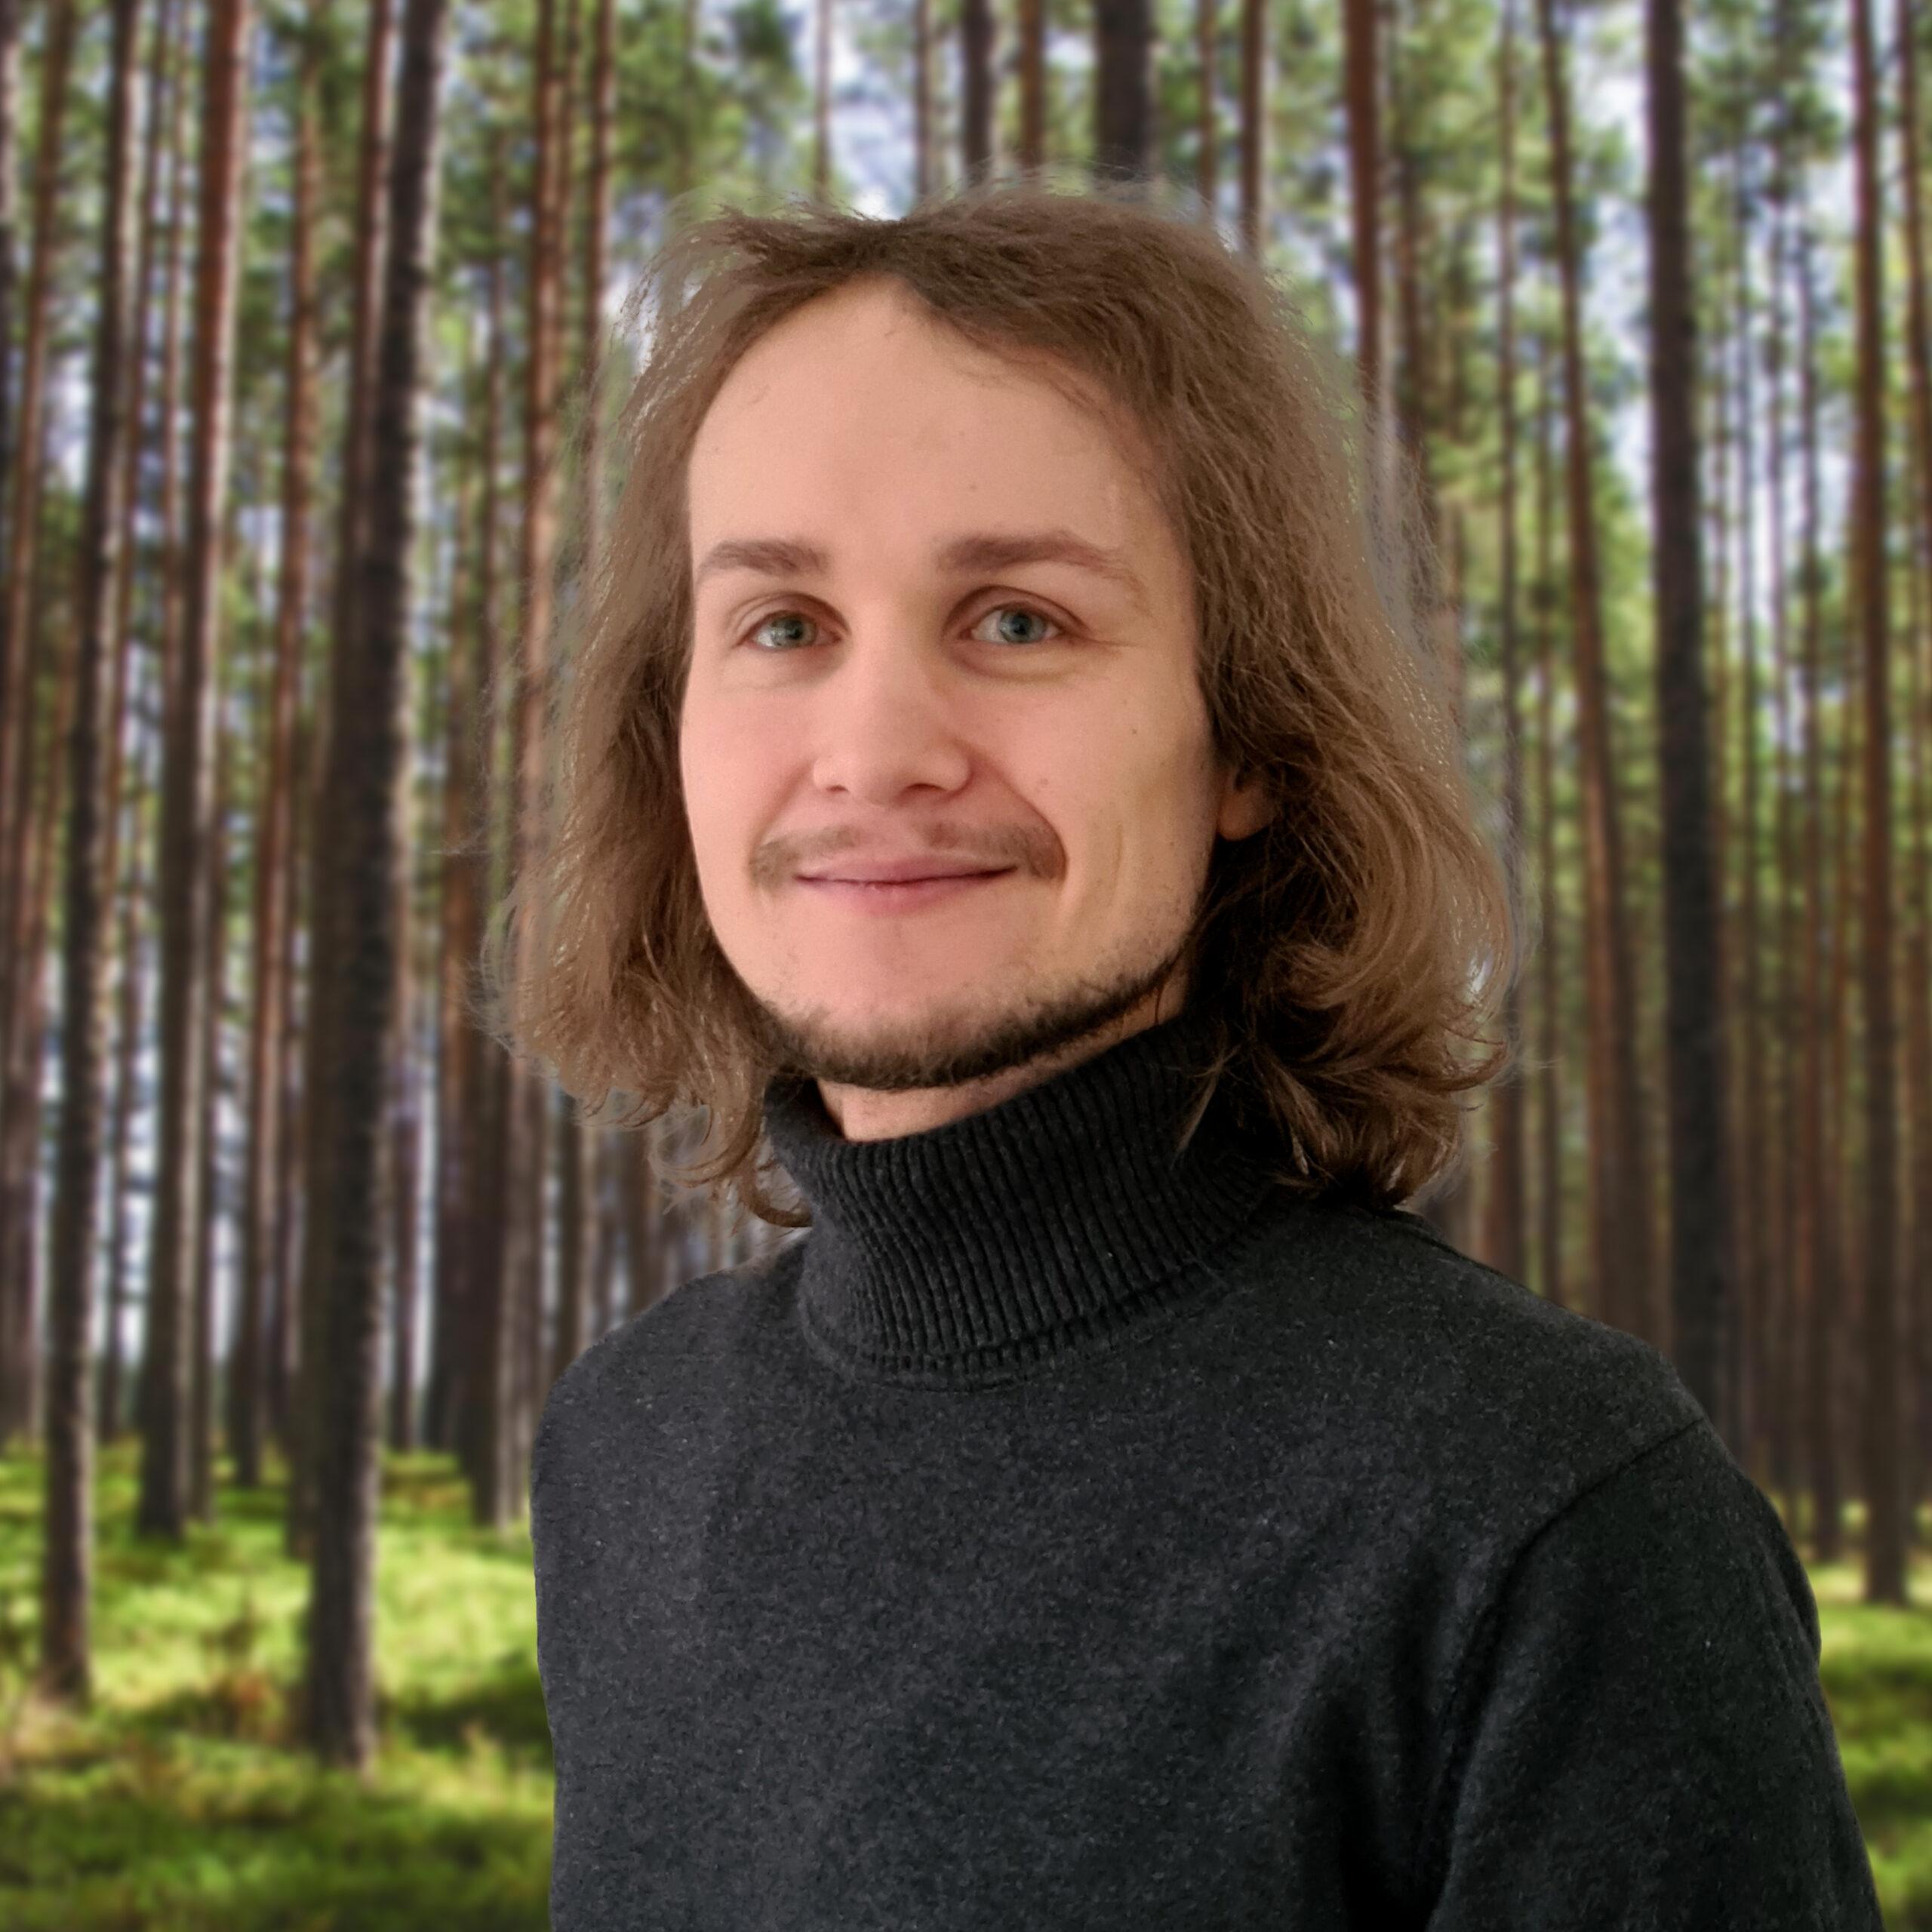 Jarmo Kangro